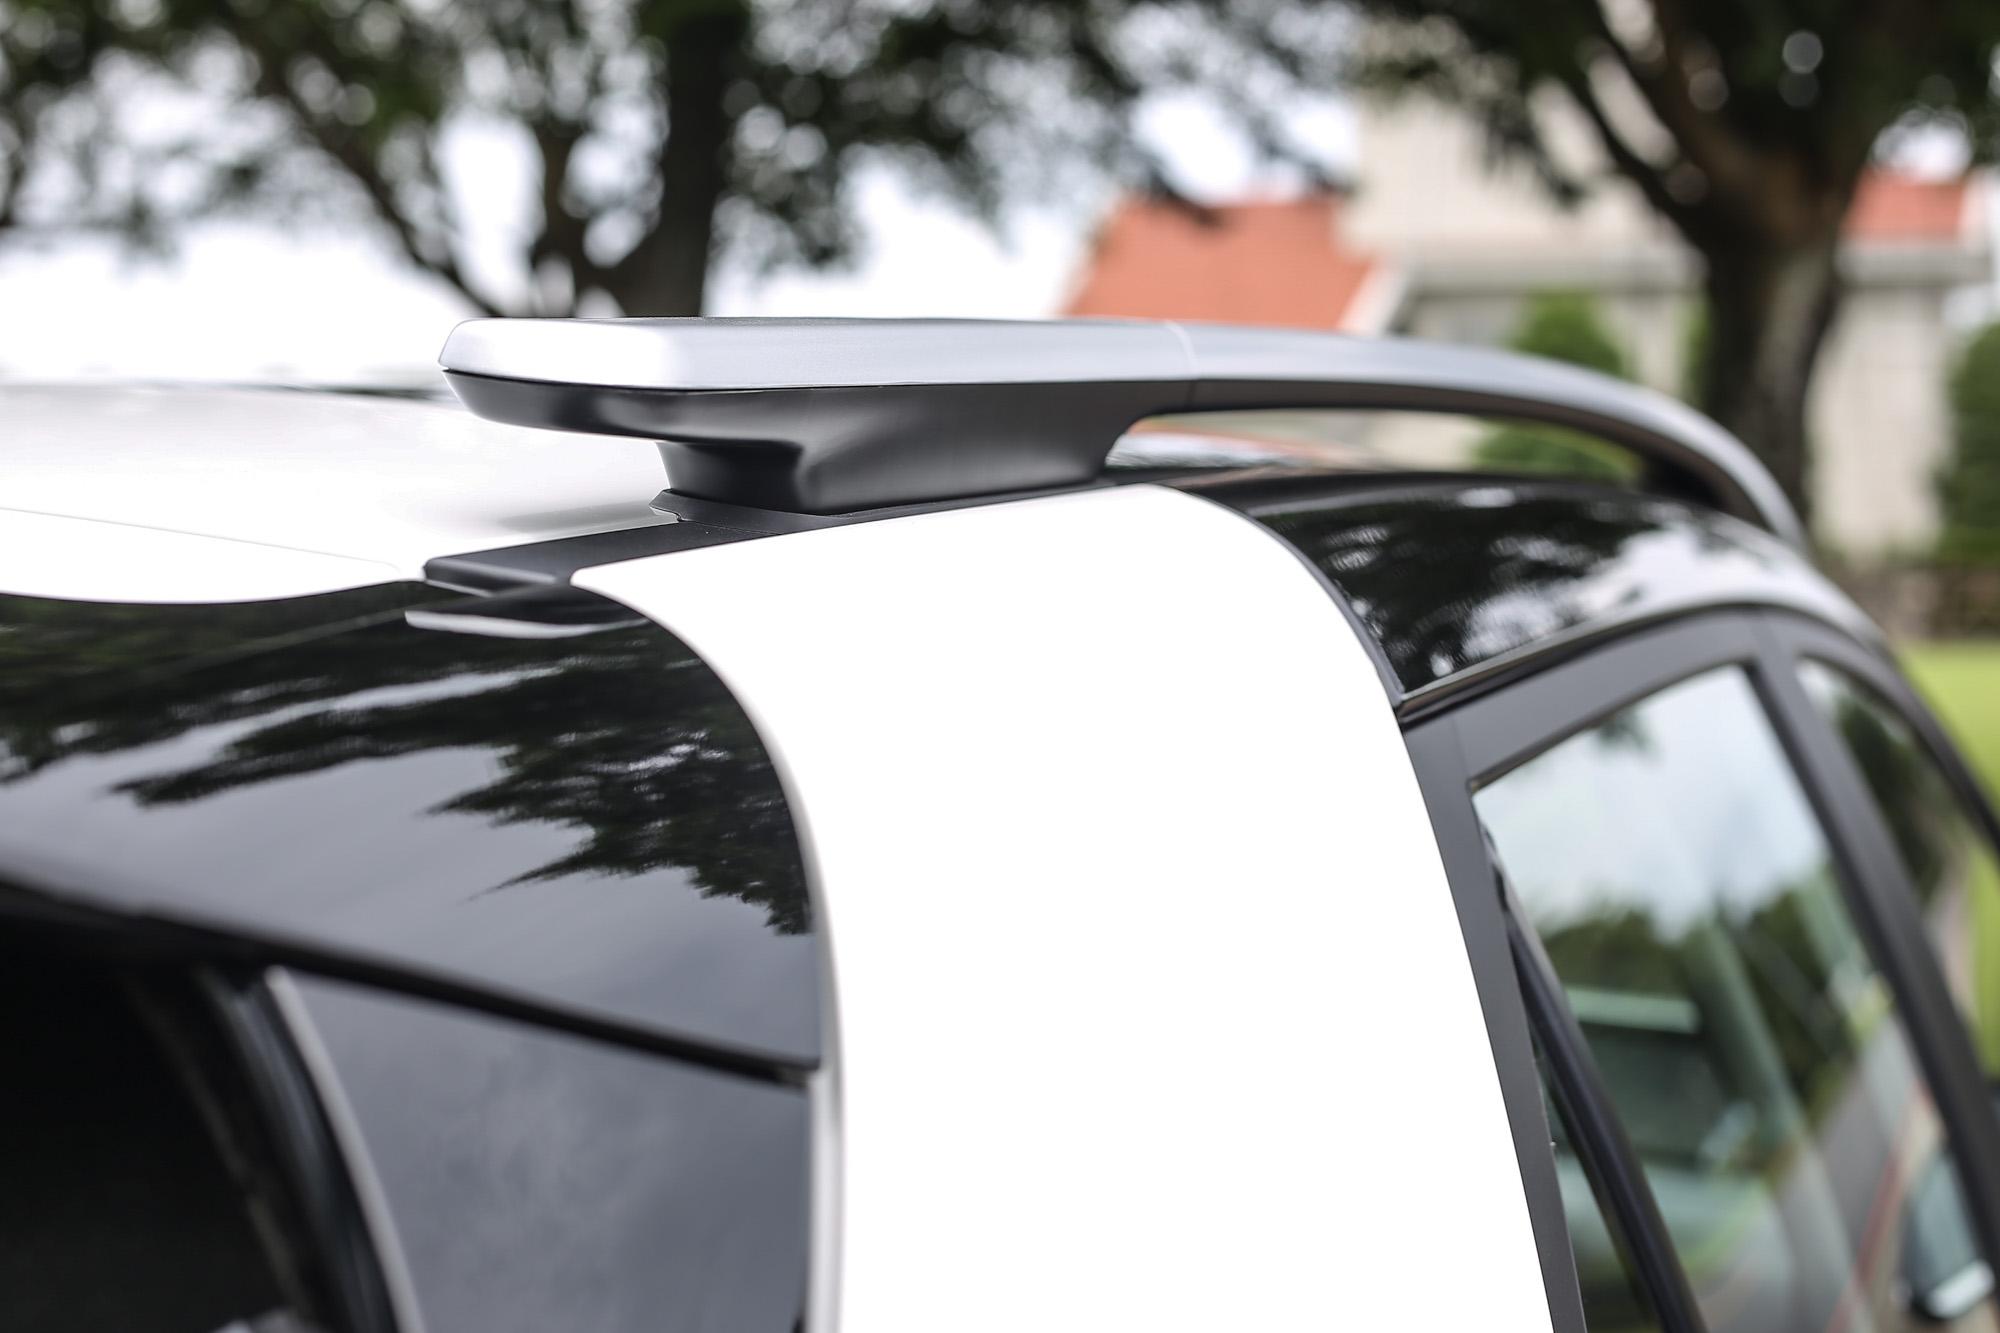 選配雙車色後,C 柱顯得特別厚實,極具視覺效果。